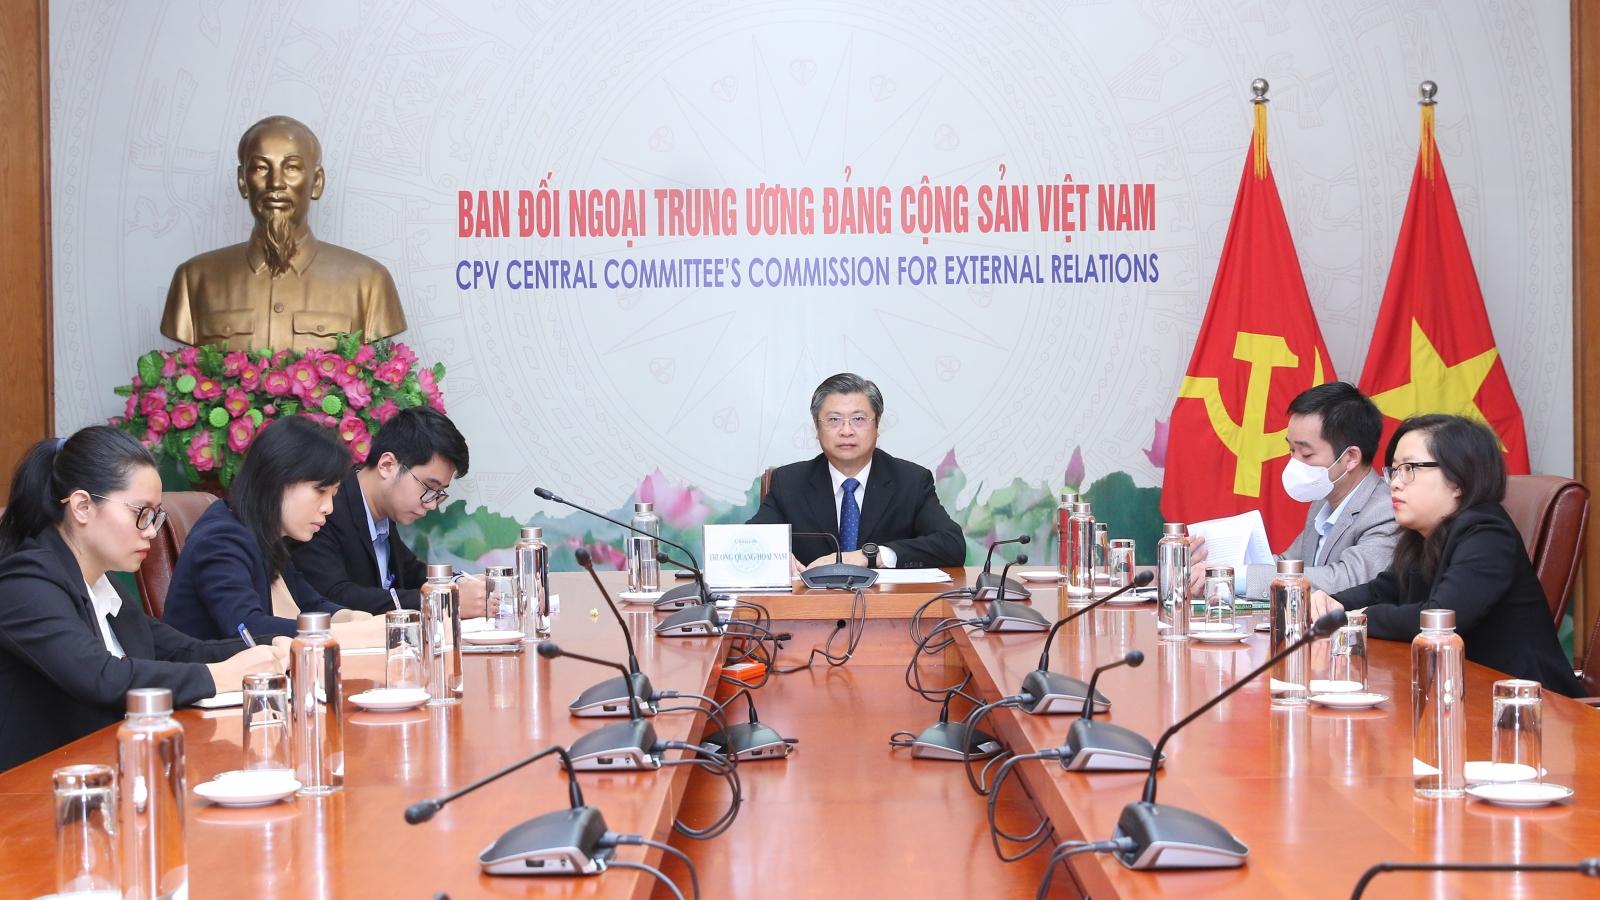 Tọa đàm trực tuyến giữa Việt Nam và Trung Quốc về phòng, chống dịch COVID-19